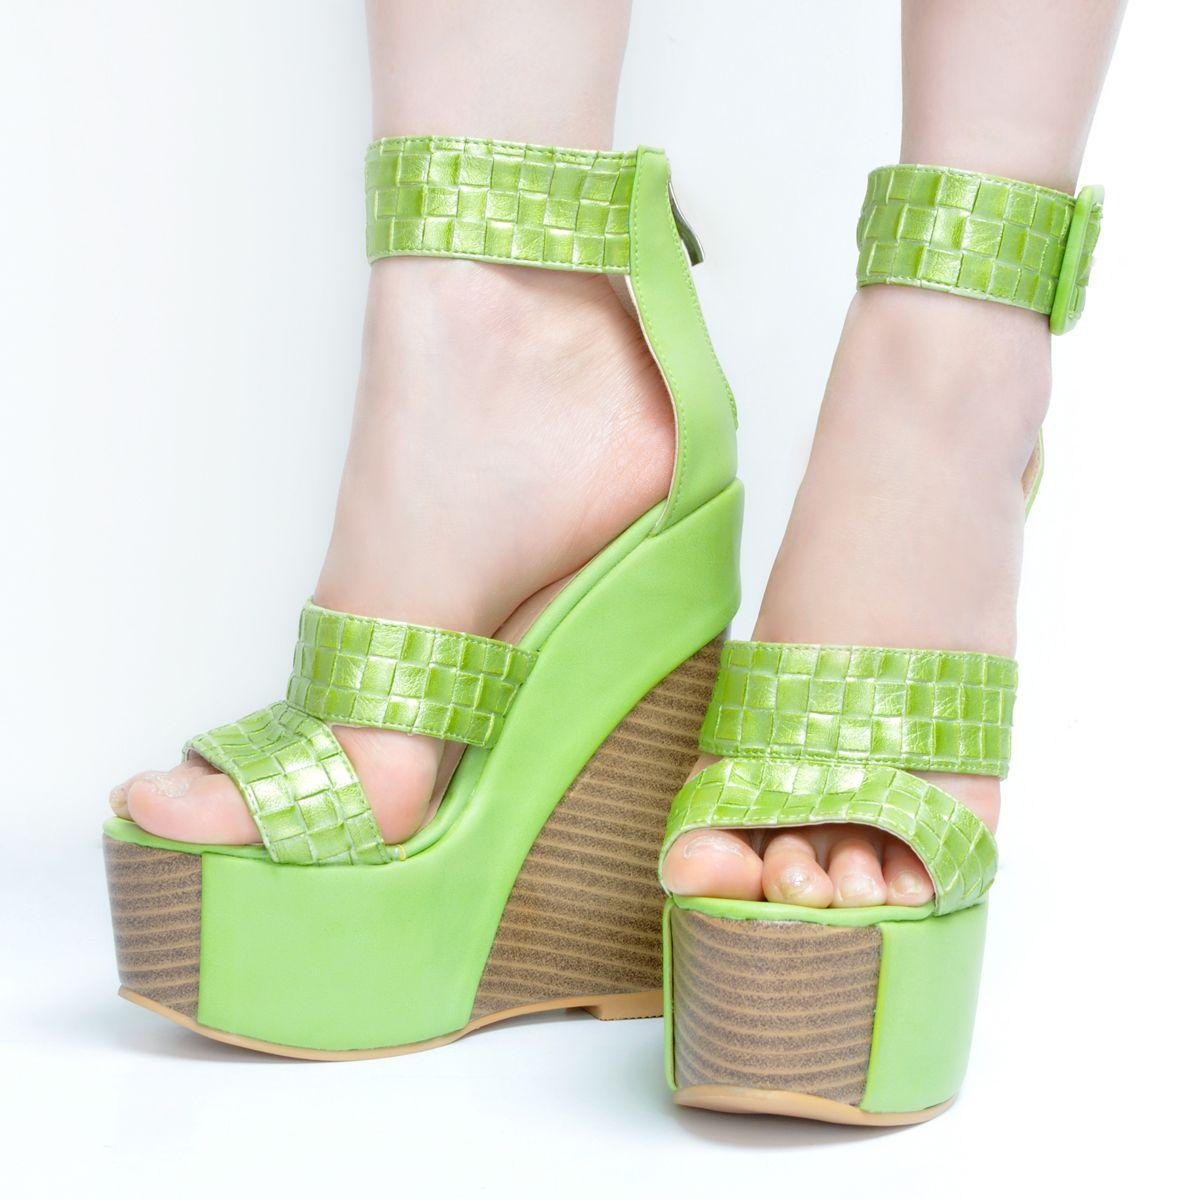 Legzen Moda Sandalias de mujer Plataforma de punta abierta Tacones altos Sandalias Marrón Verde Zapatos de fiesta para mujer Tallas grandes